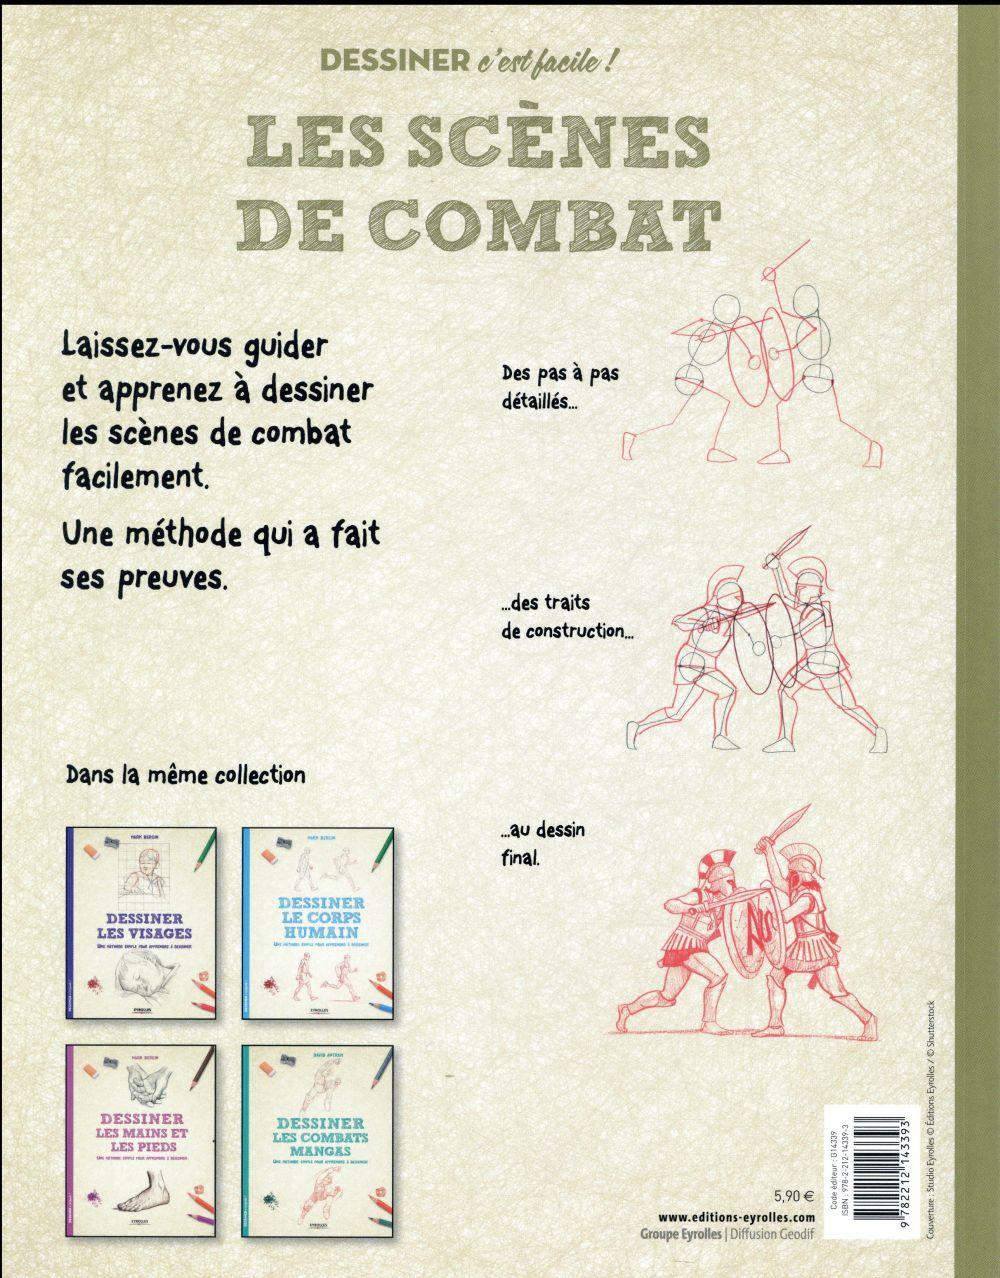 Dessiner les scènes de combat ; une méthode simple pour apprendre à dessiner